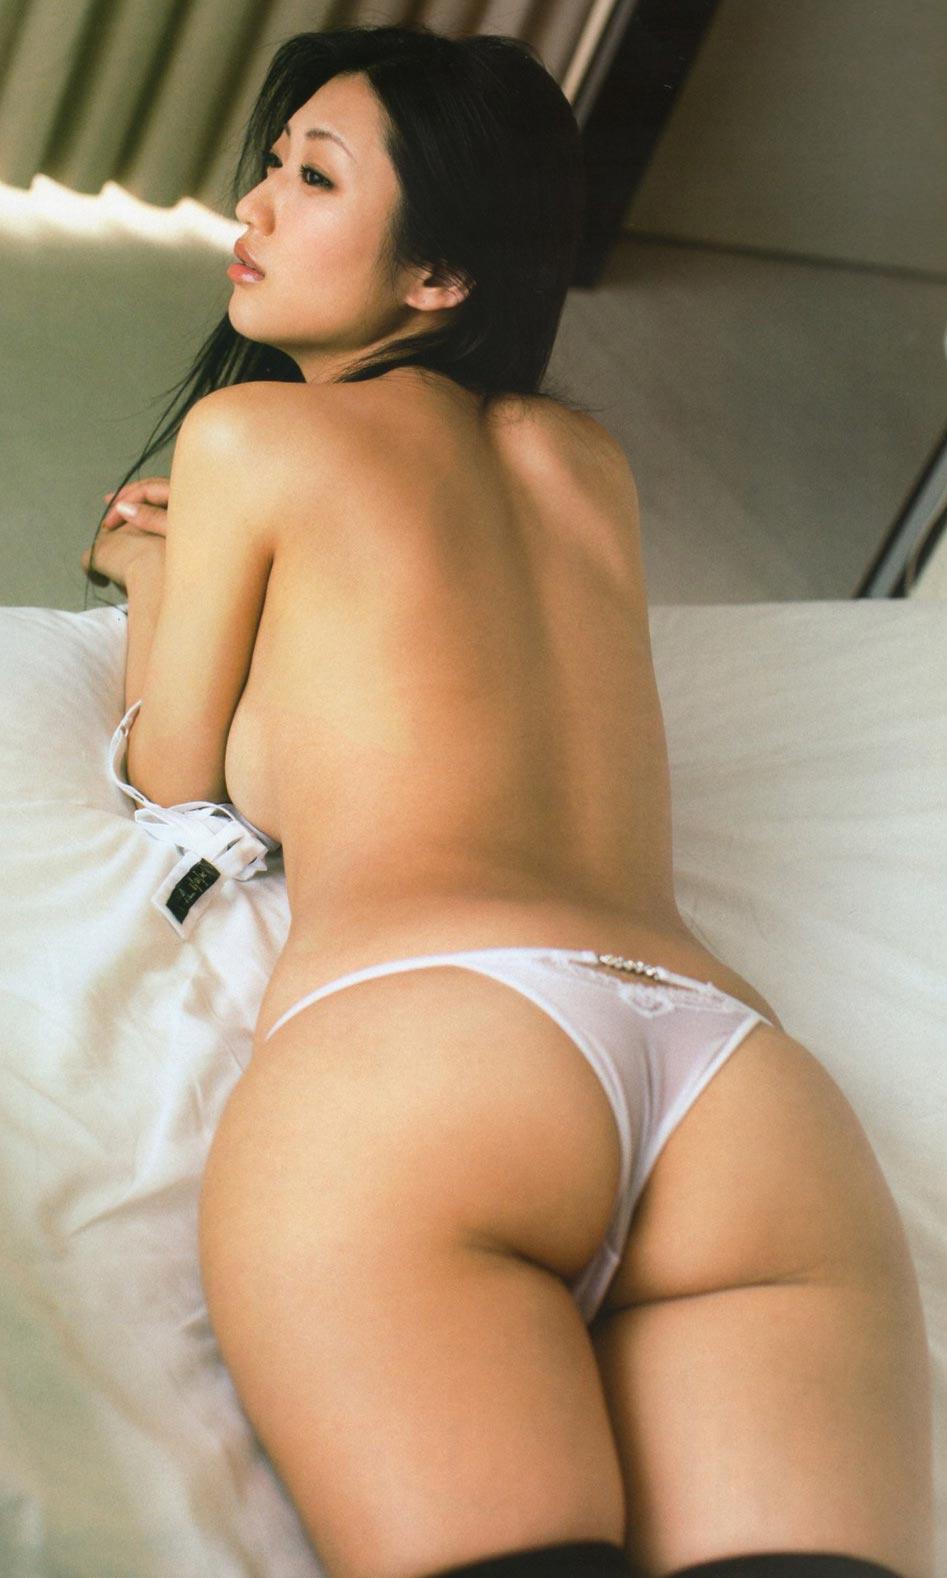 ショートボブの巨乳グラマラス美容師 【個人撮影】まどか22歳